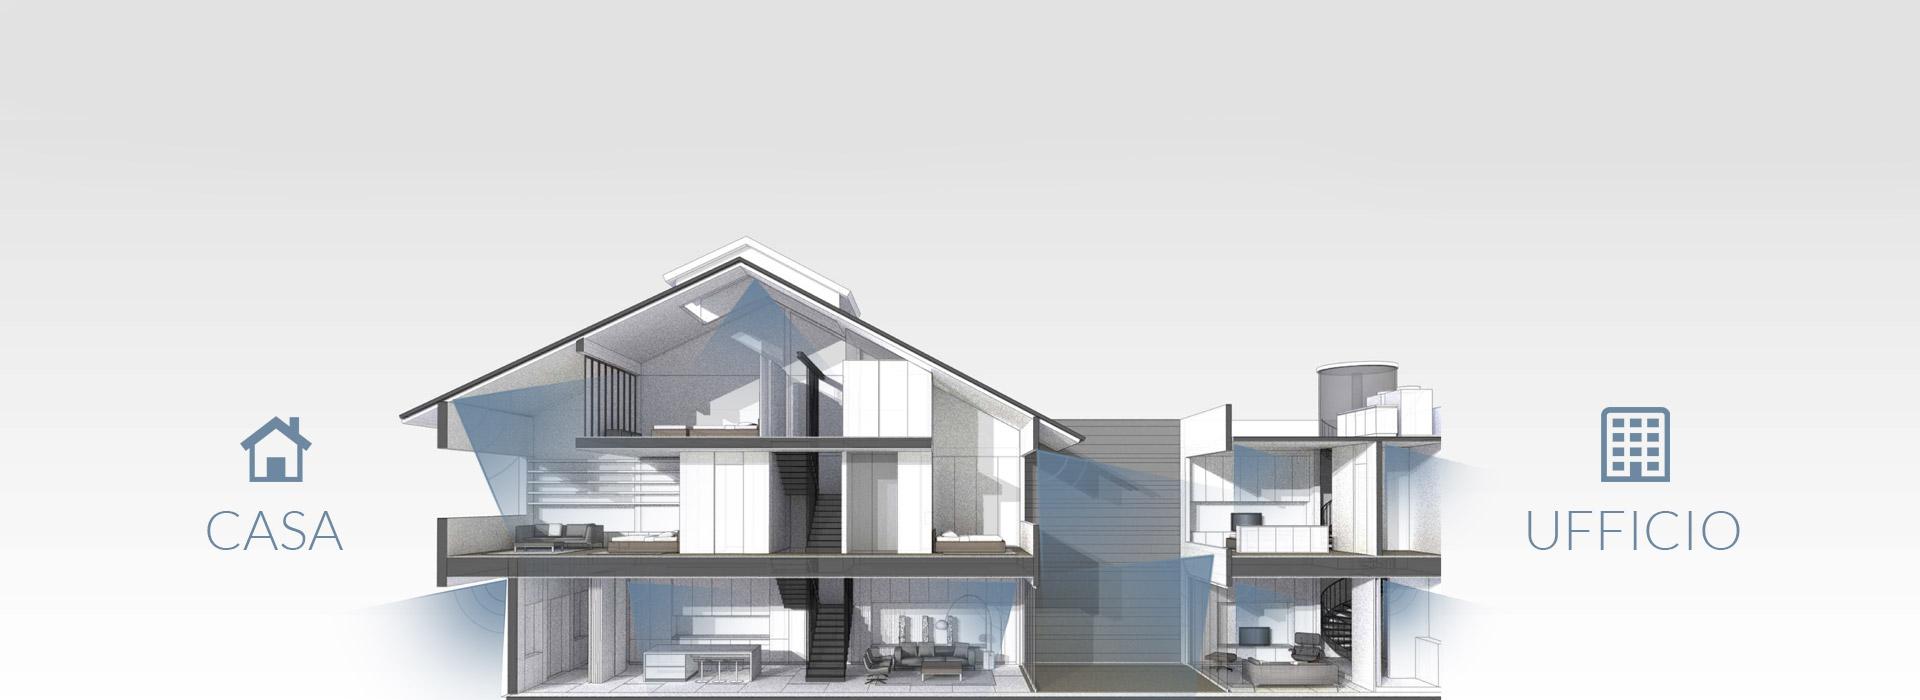 Antifurto casa perimetrale esterno antifurto casa - Impianto allarme casa prezzi ...